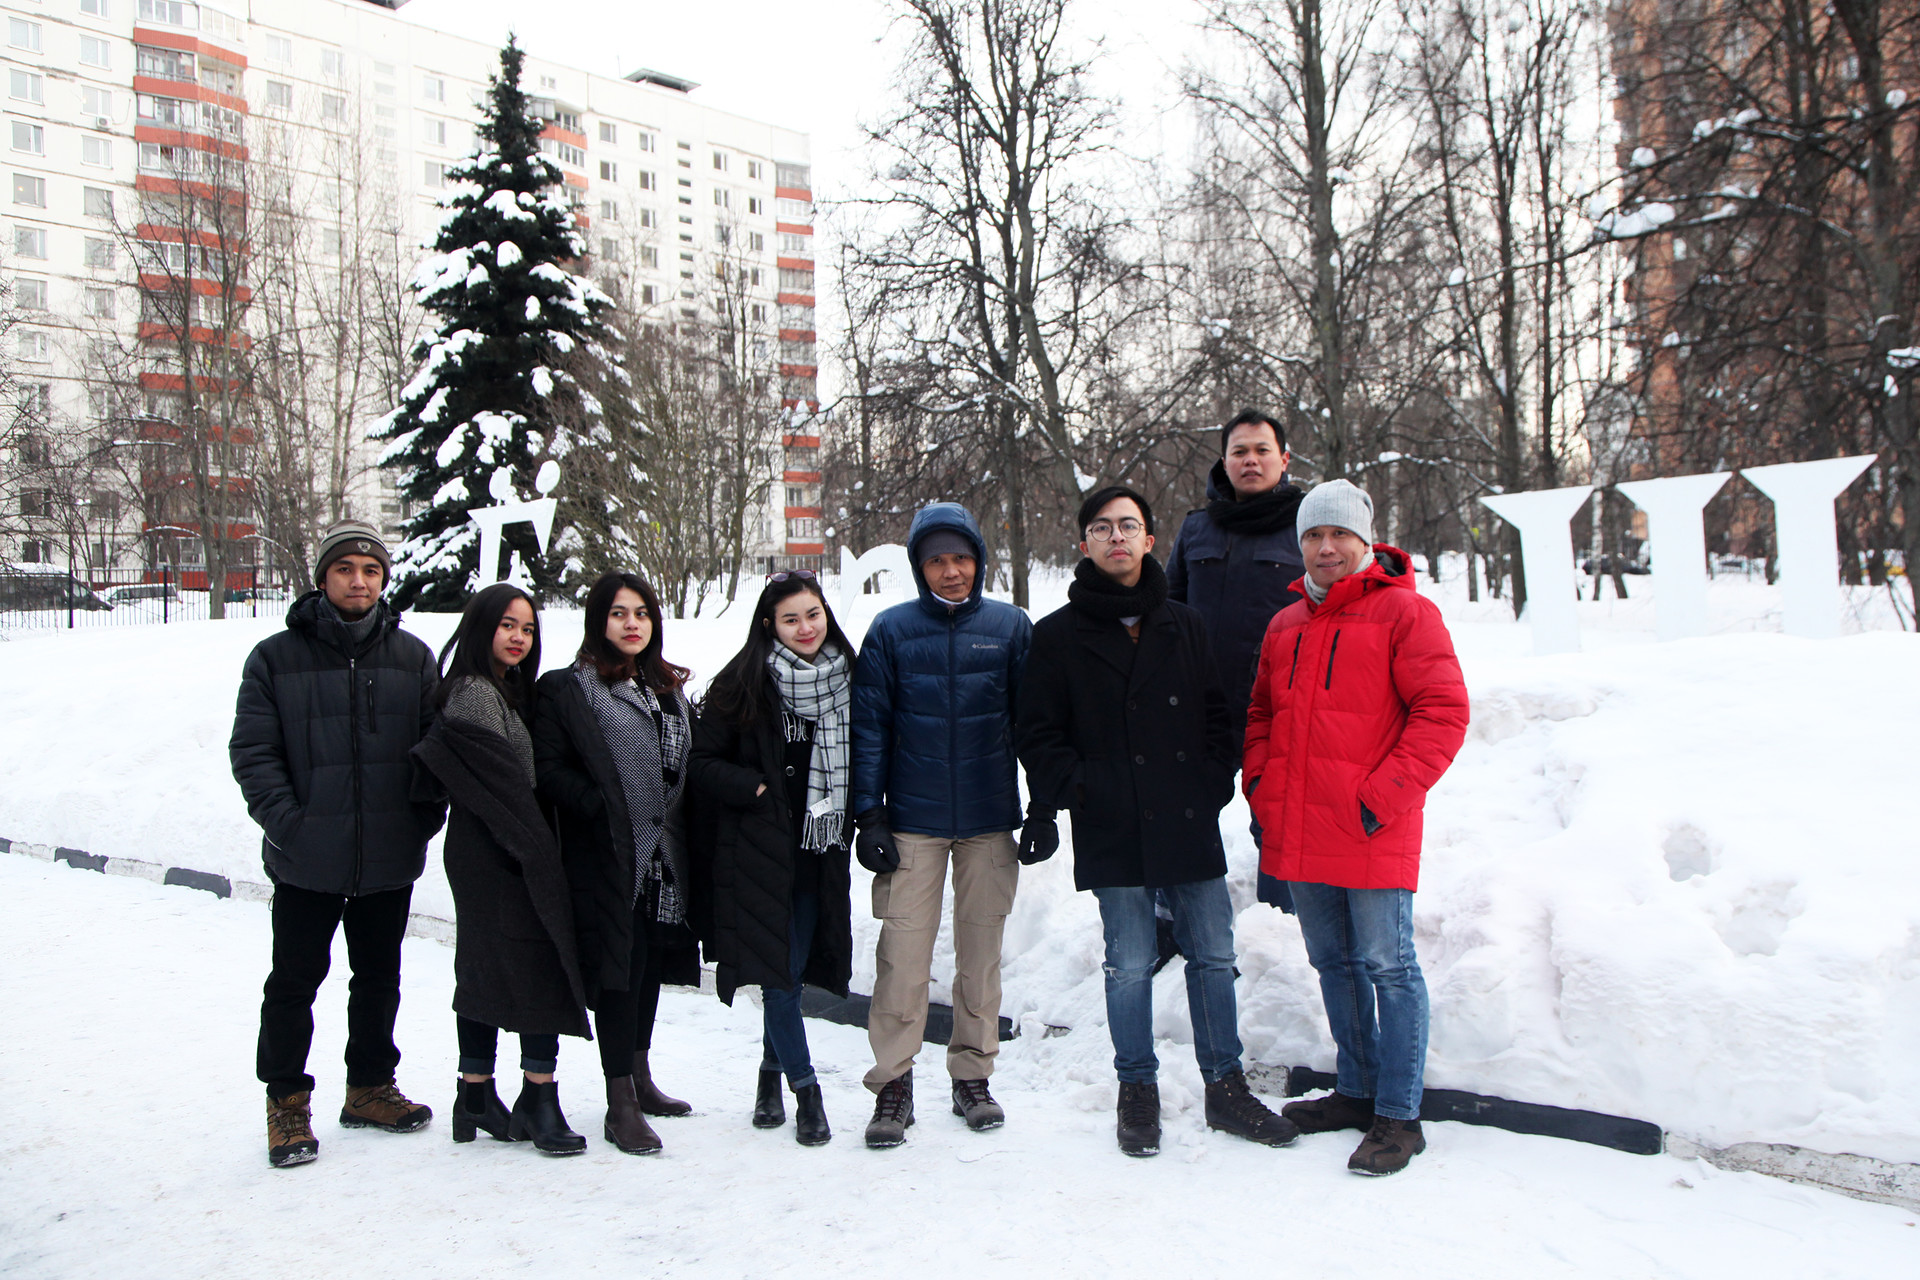 Yodha (kiri), berfoto bersama para mahasiswa dan mahasiswi Indonesia yang juga berkuliah di Institut Bahasa Rusia A.S. Pushkin, Moskow, saat masih menjalani pendidikan di Fakultas Persiapan Bahasa Rusia.